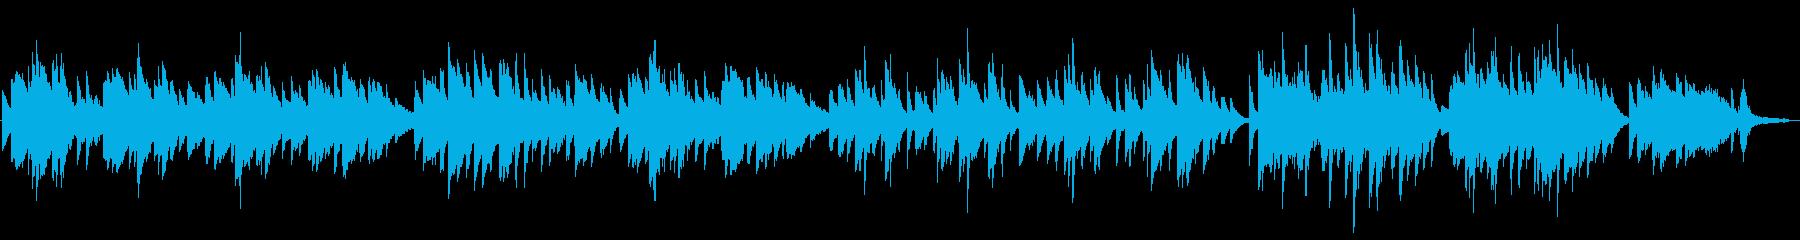 唱歌「浜辺の歌」ピアノ生演奏・バラードの再生済みの波形